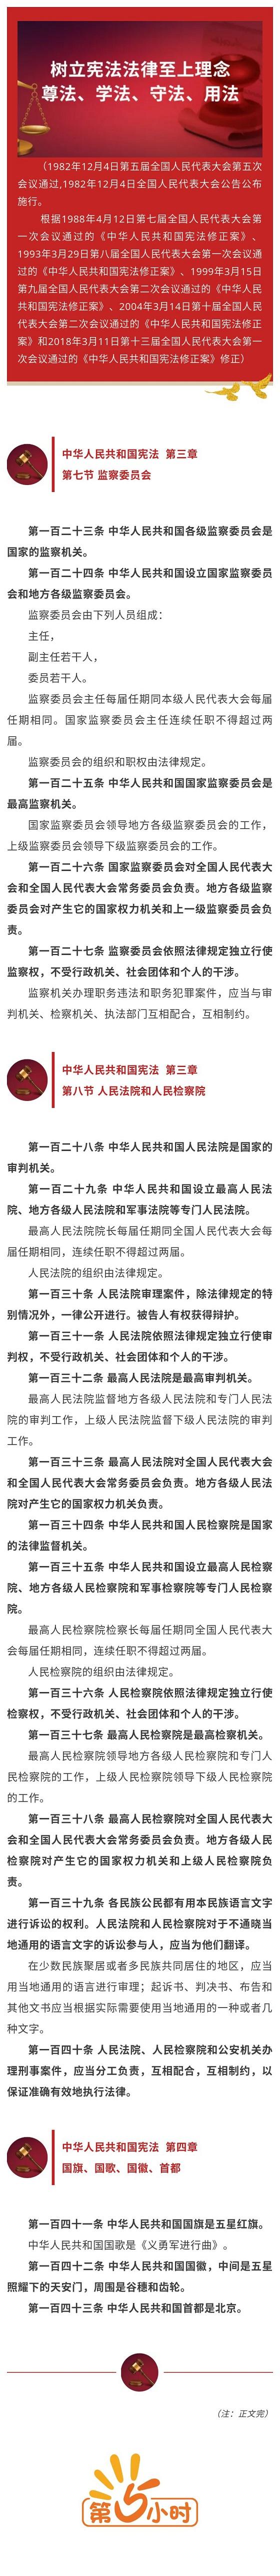 《中华人民共和国宪法》(第三章第七节至第四章).jpg